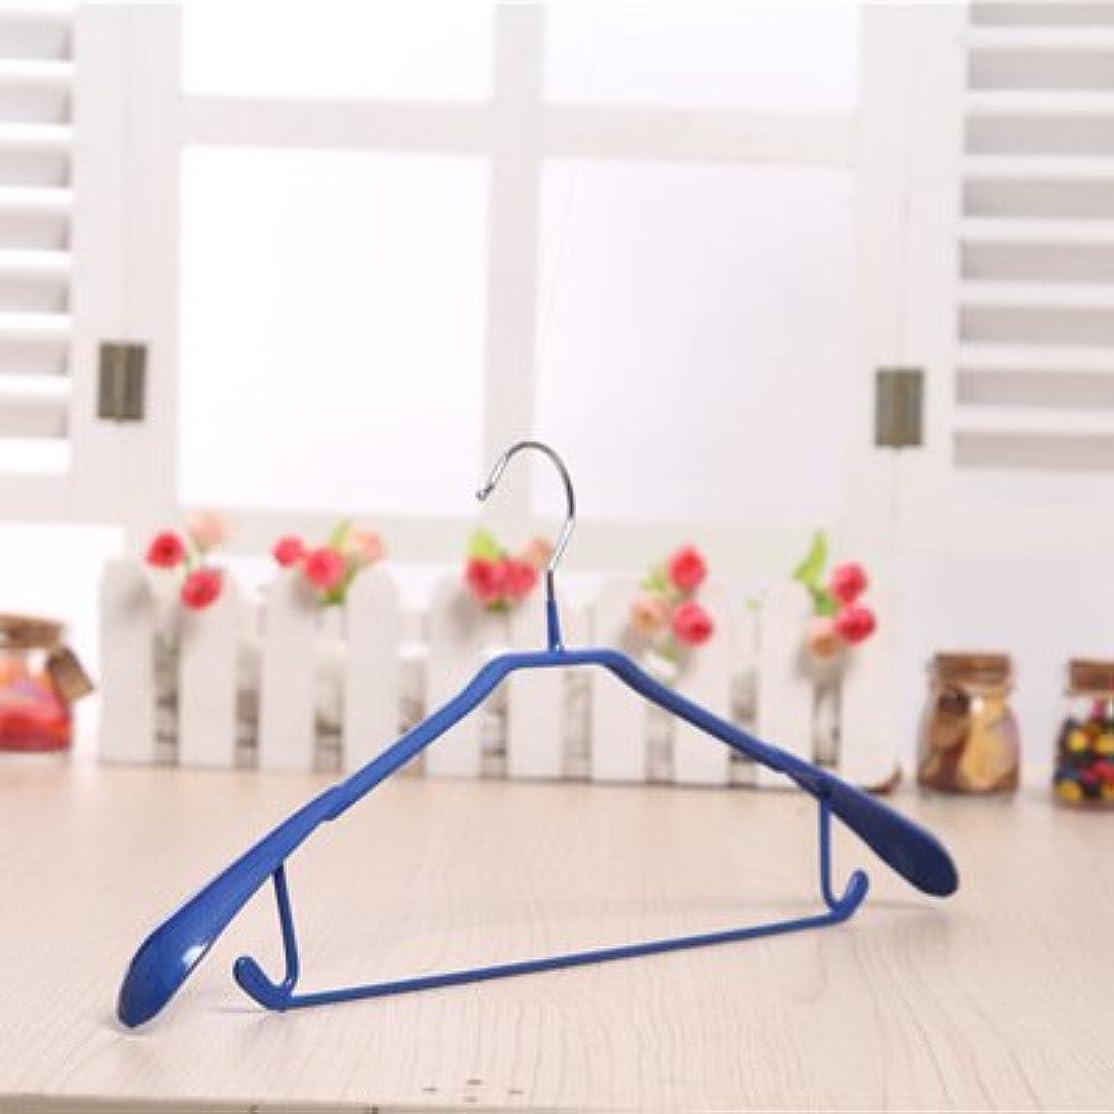 抵当スペイン語五月ノンスリップアンフックハンガー、ウェット&ドライ、多機能衣服ハンガー、大人のプラスチック服ラック10卸売。 (Color : ブルー)